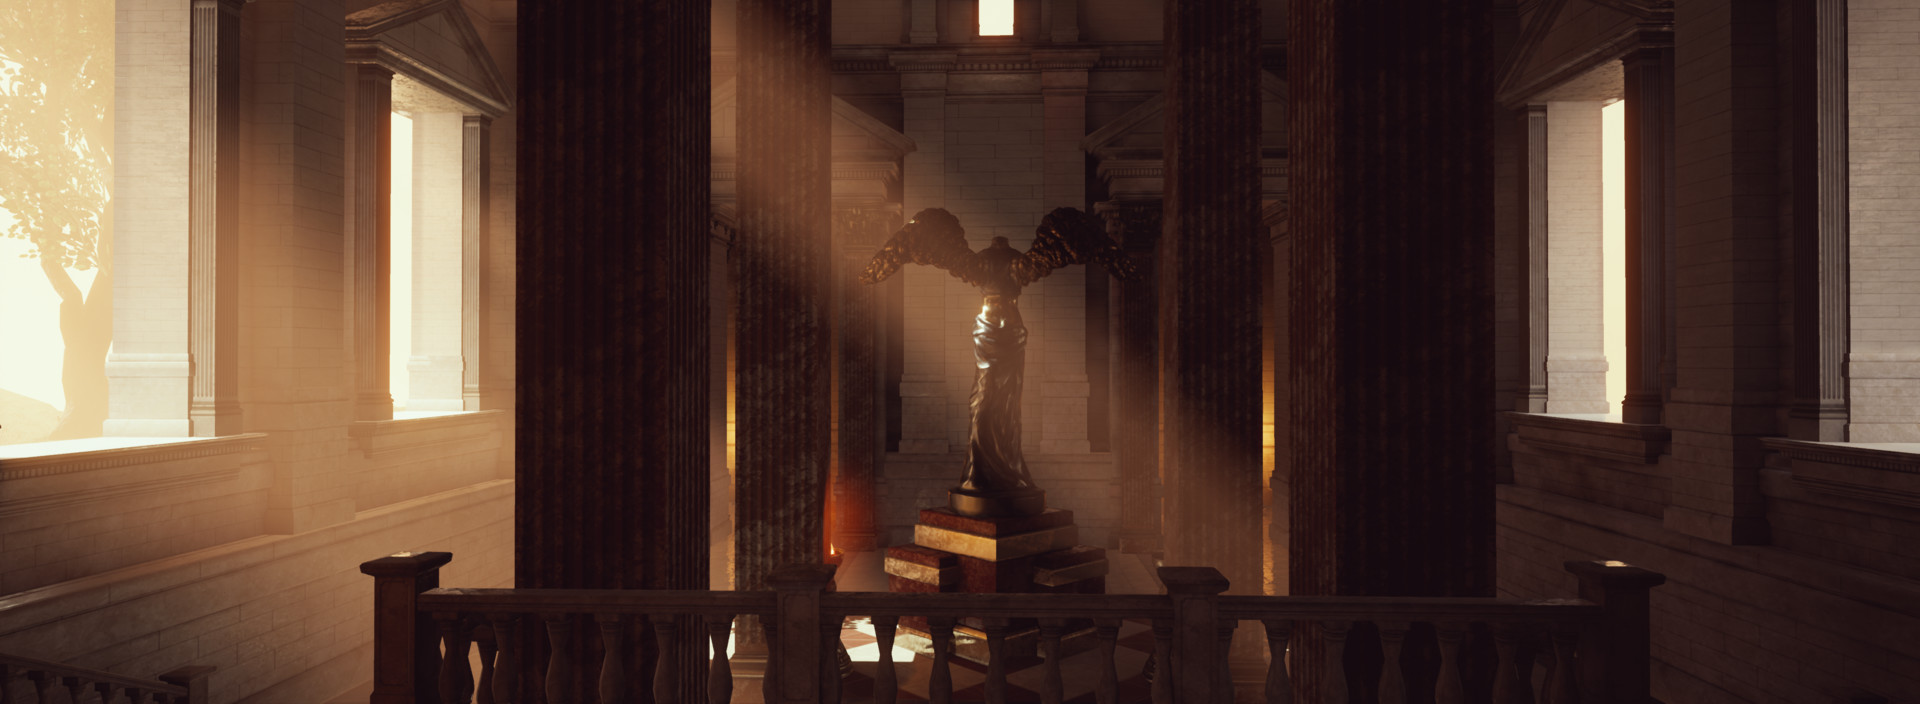 ArtStation - UE4 Sun Temple ReLighting, Allen Zayden